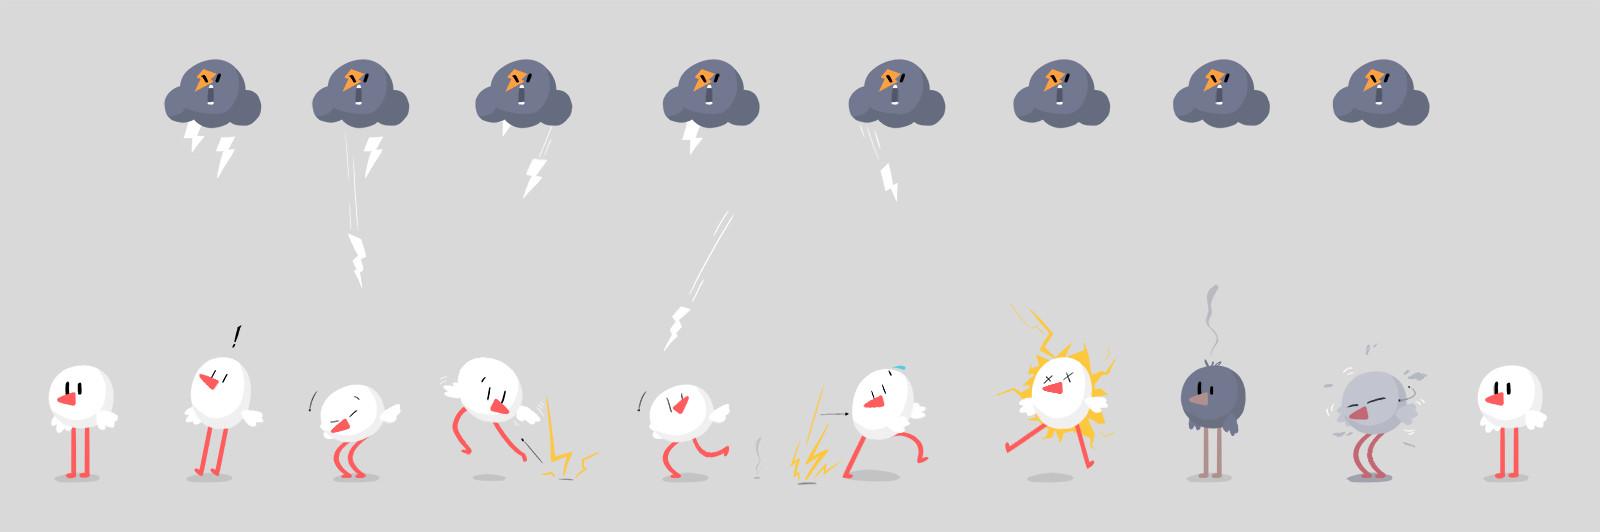 Bird_Pairing_Lightning_v001.jpg